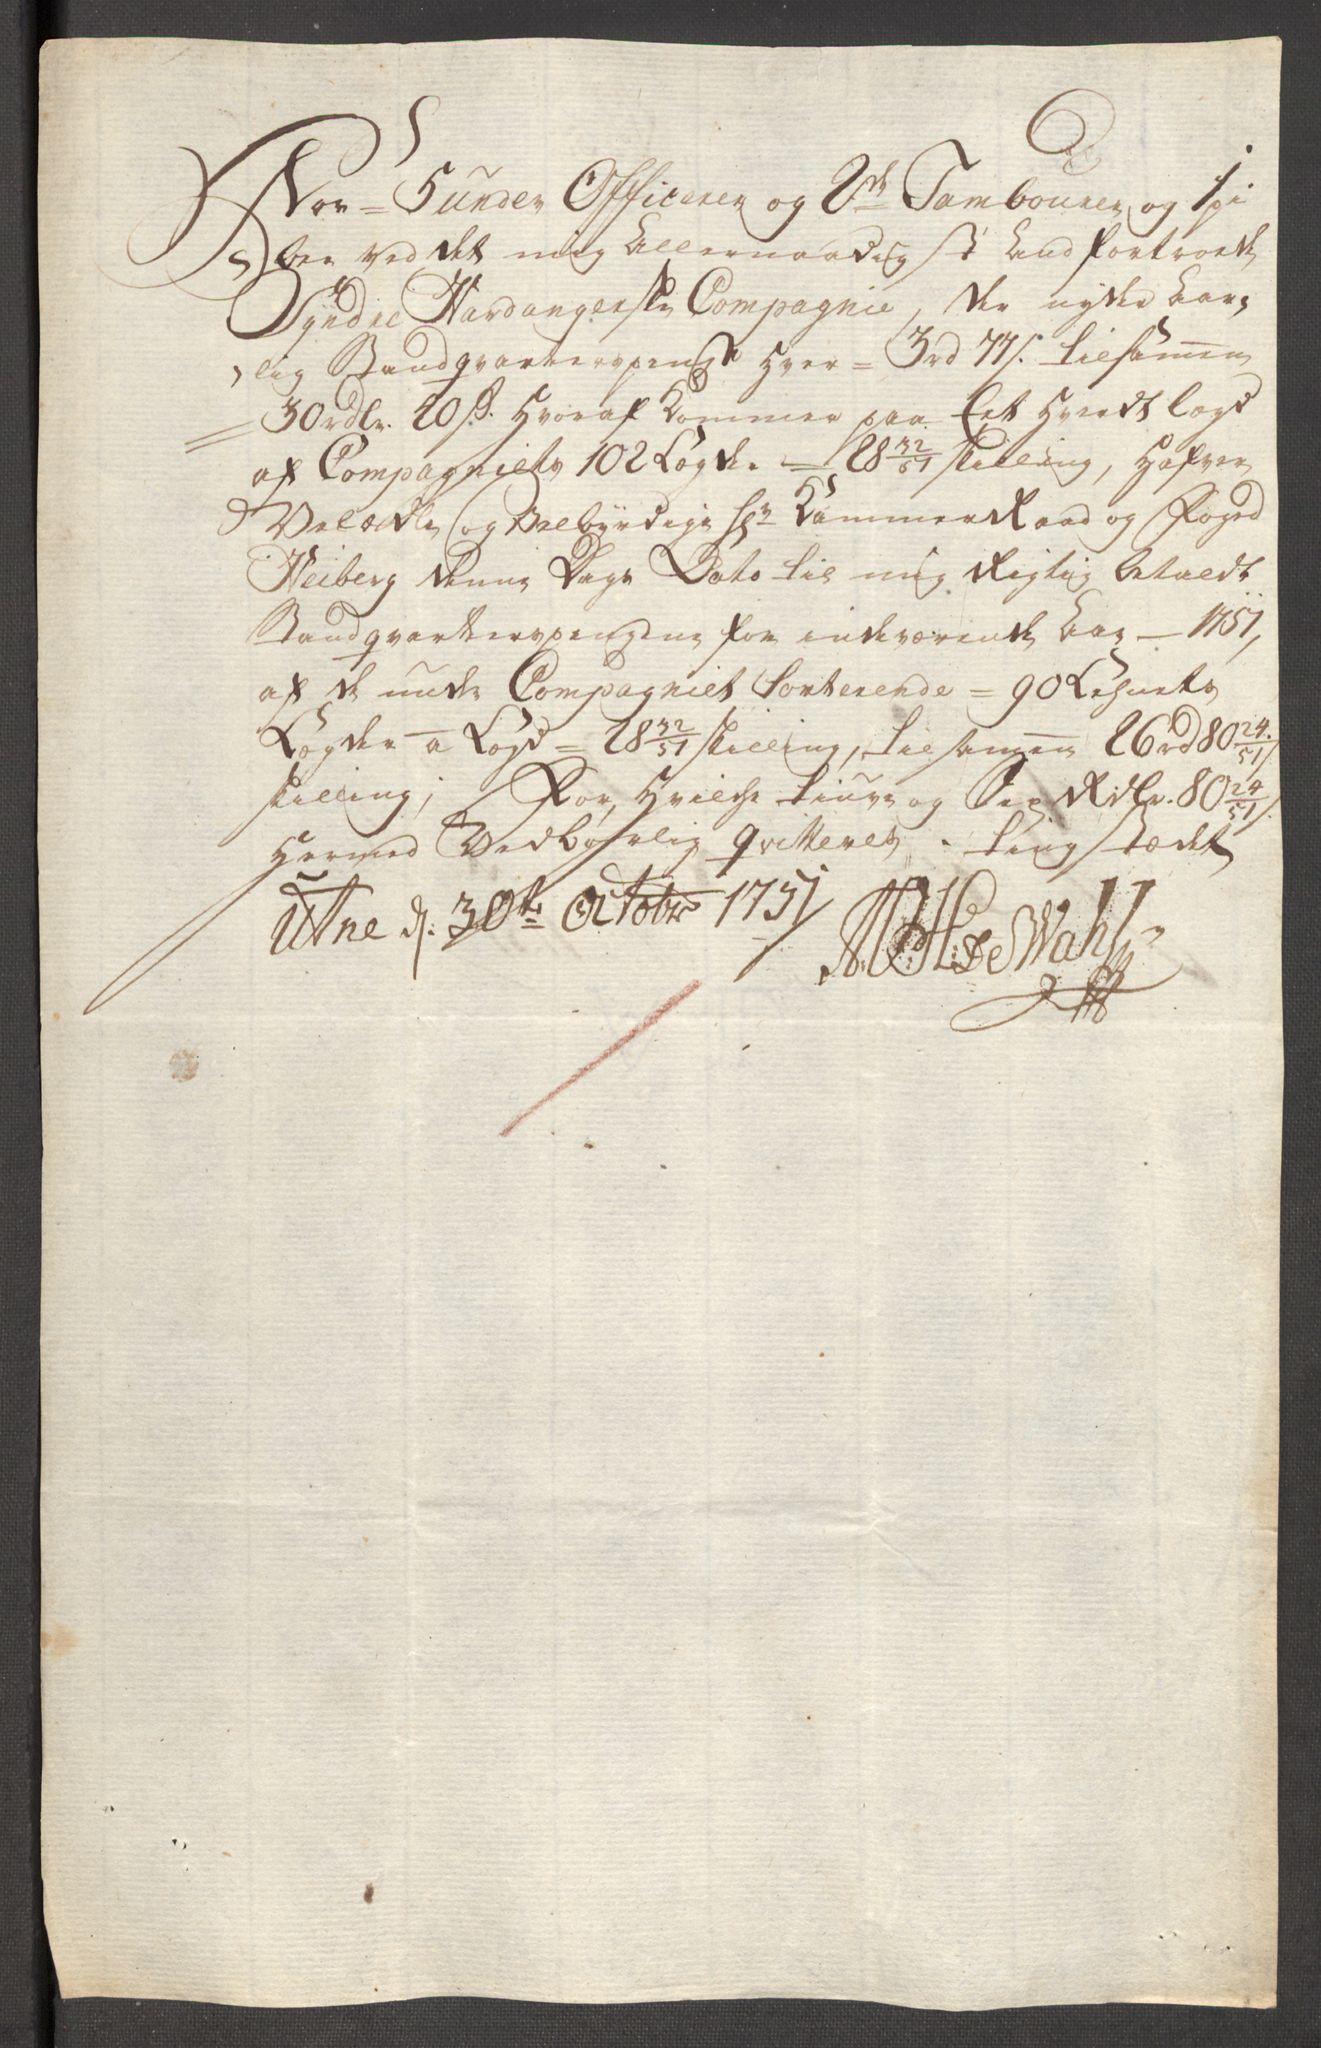 RA, Rentekammeret inntil 1814, Reviderte regnskaper, Fogderegnskap, R48/L3056: Fogderegnskap Sunnhordland og Hardanger, 1751, s. 411